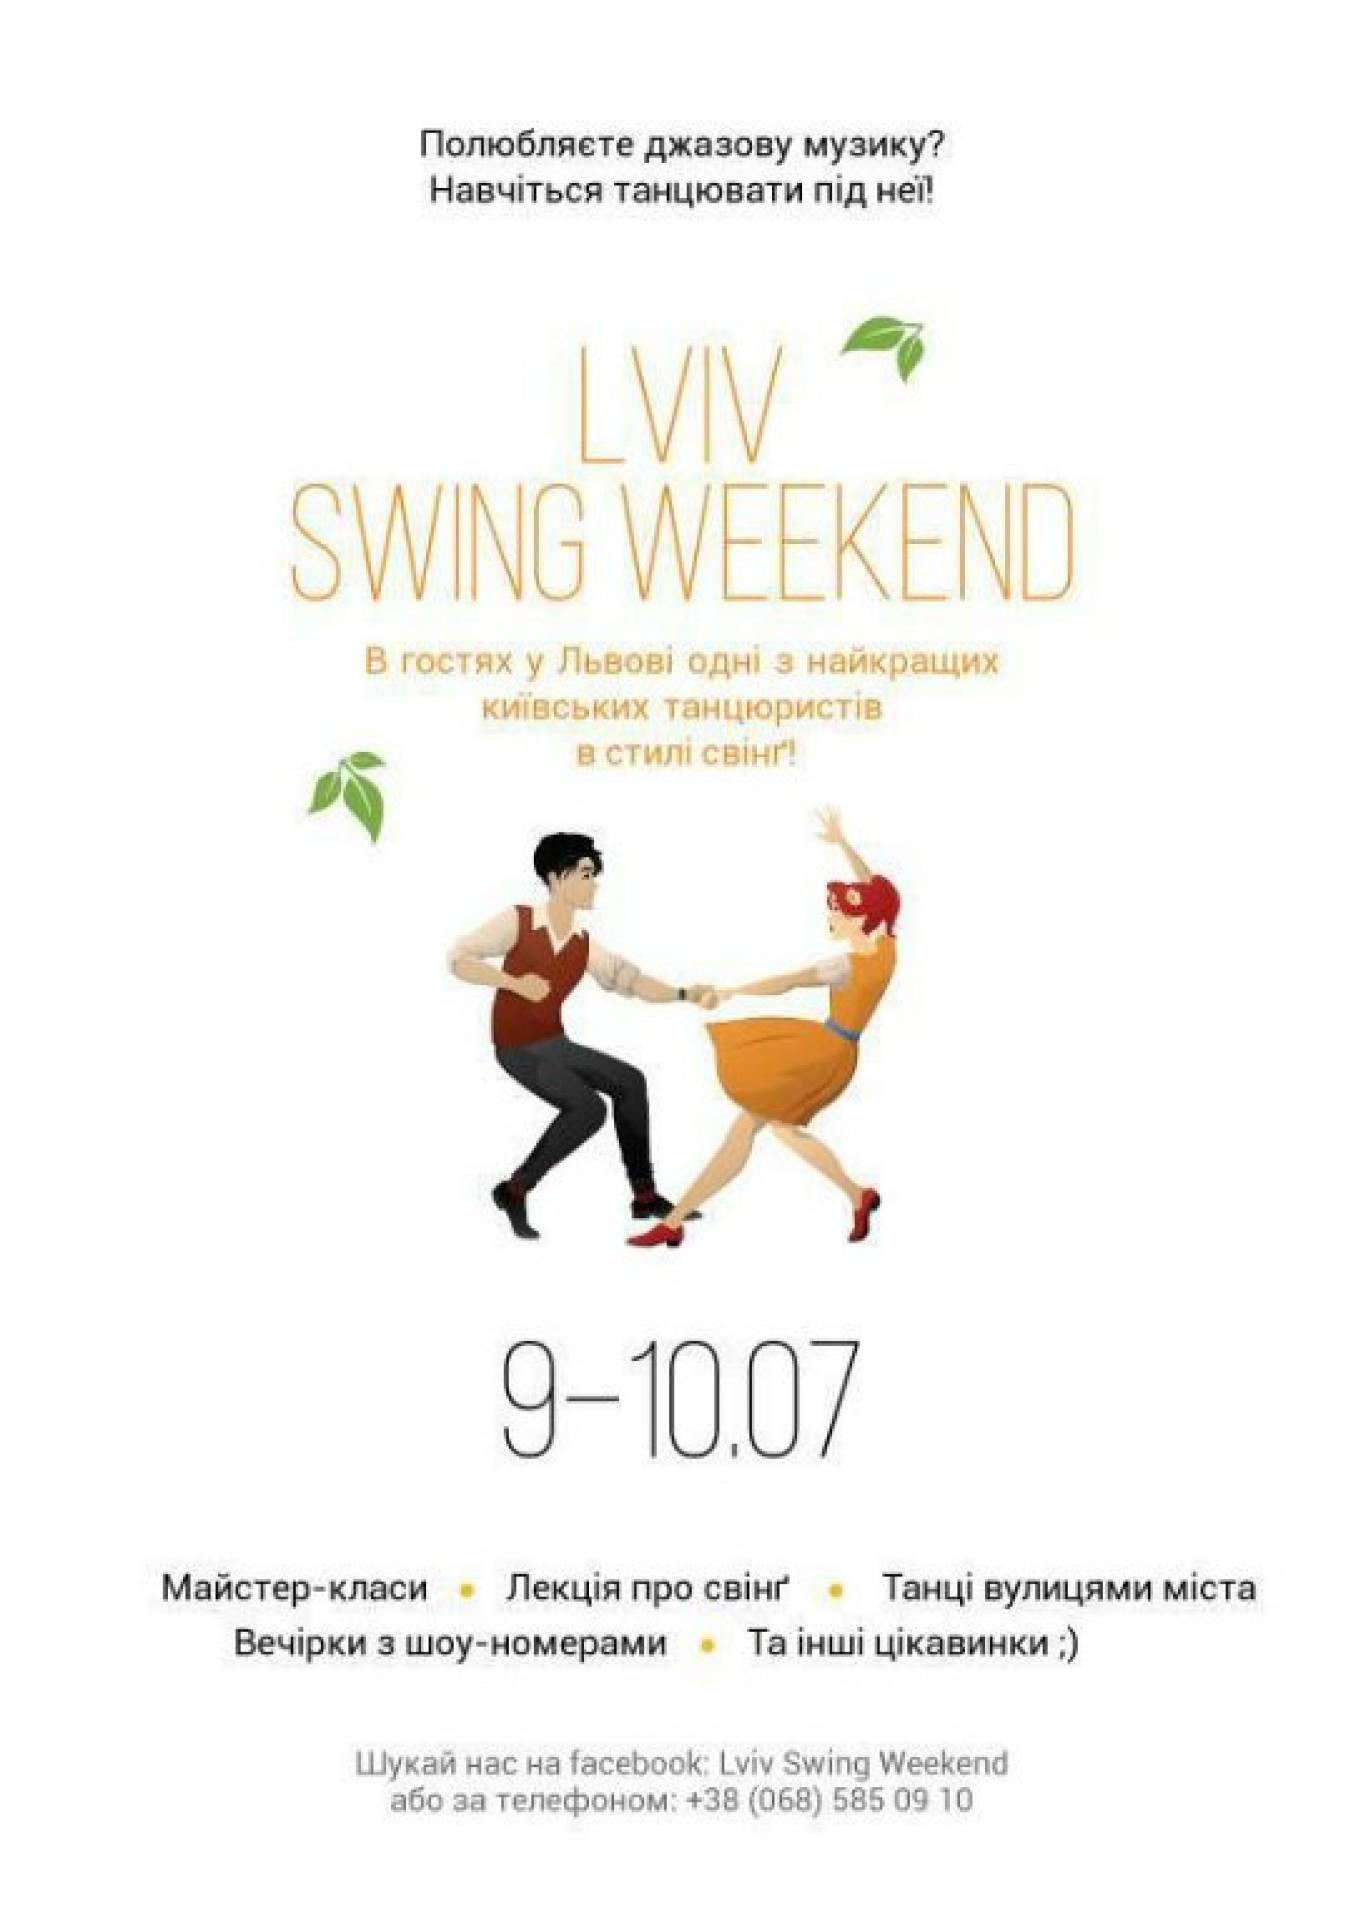 Танцювальний вікенд Lviv Swing Weekend 2016